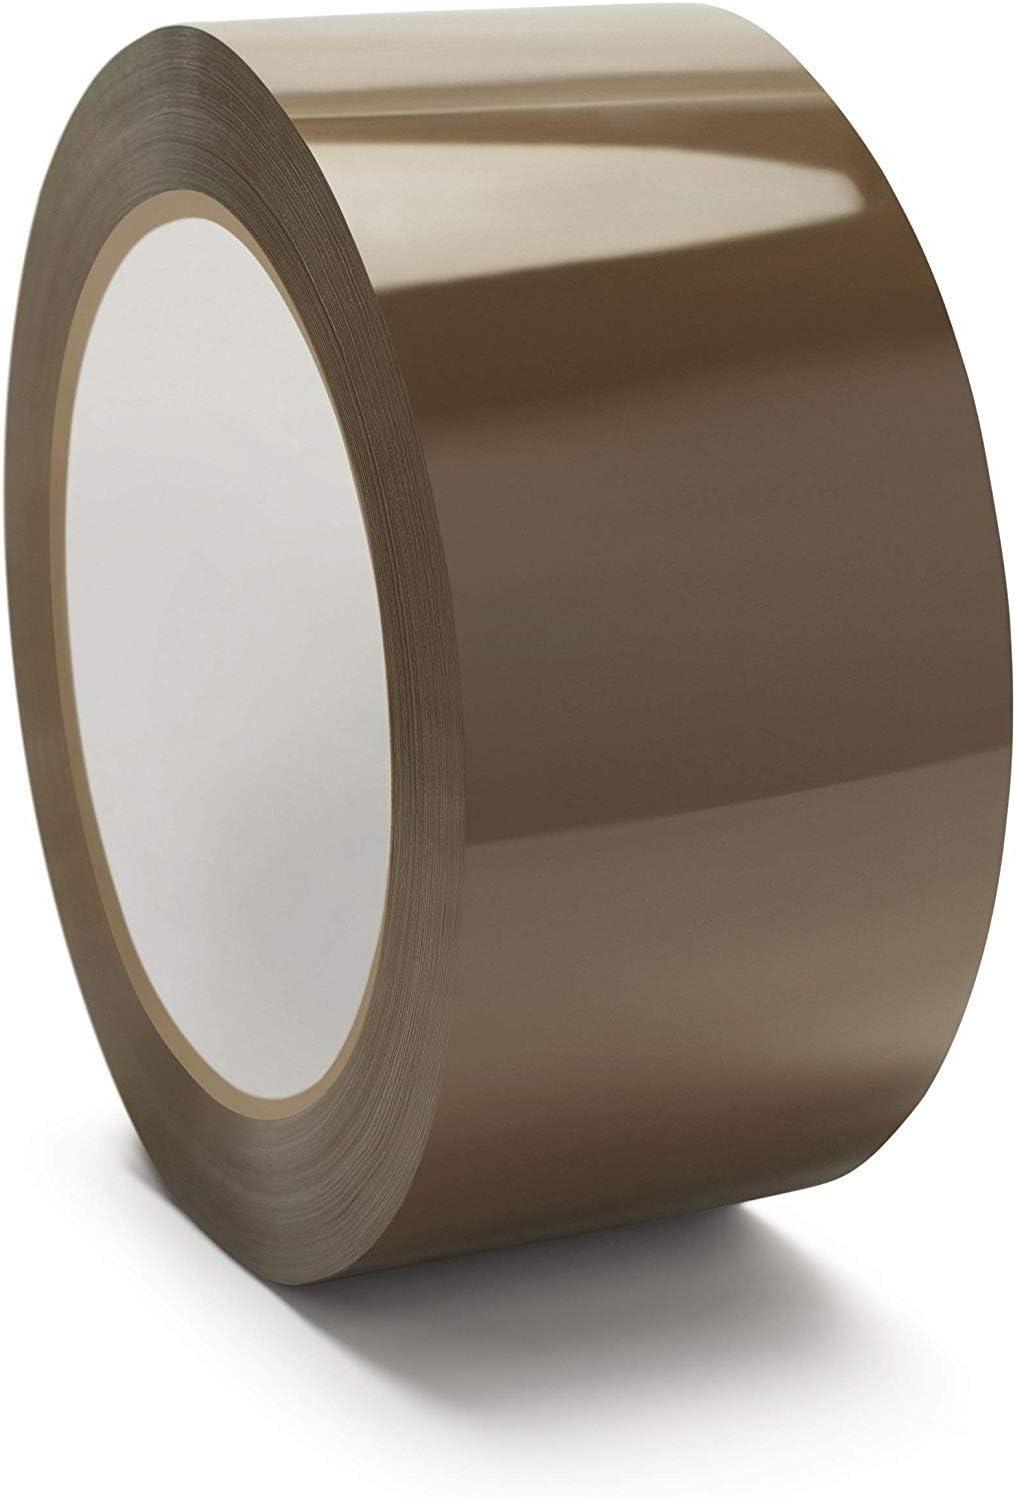 """36 ROLLS Carton Box Sealing Packaging Packing Tape 1.6 mil 2/"""" x 110 yds 330 ft"""